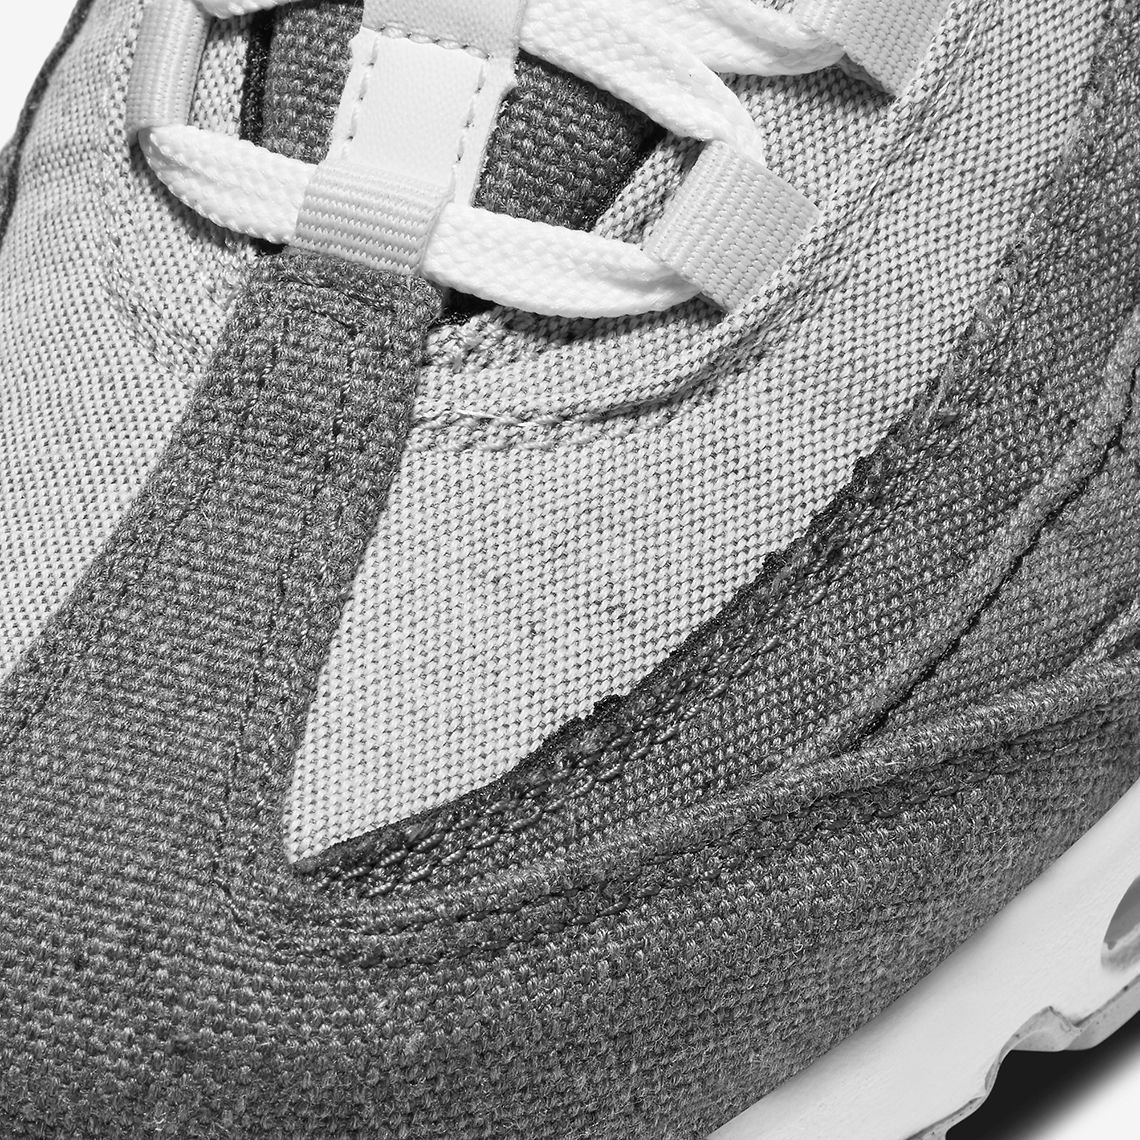 Nike Air Max 95 NRG ''Vast Grey'' - CK6478-001